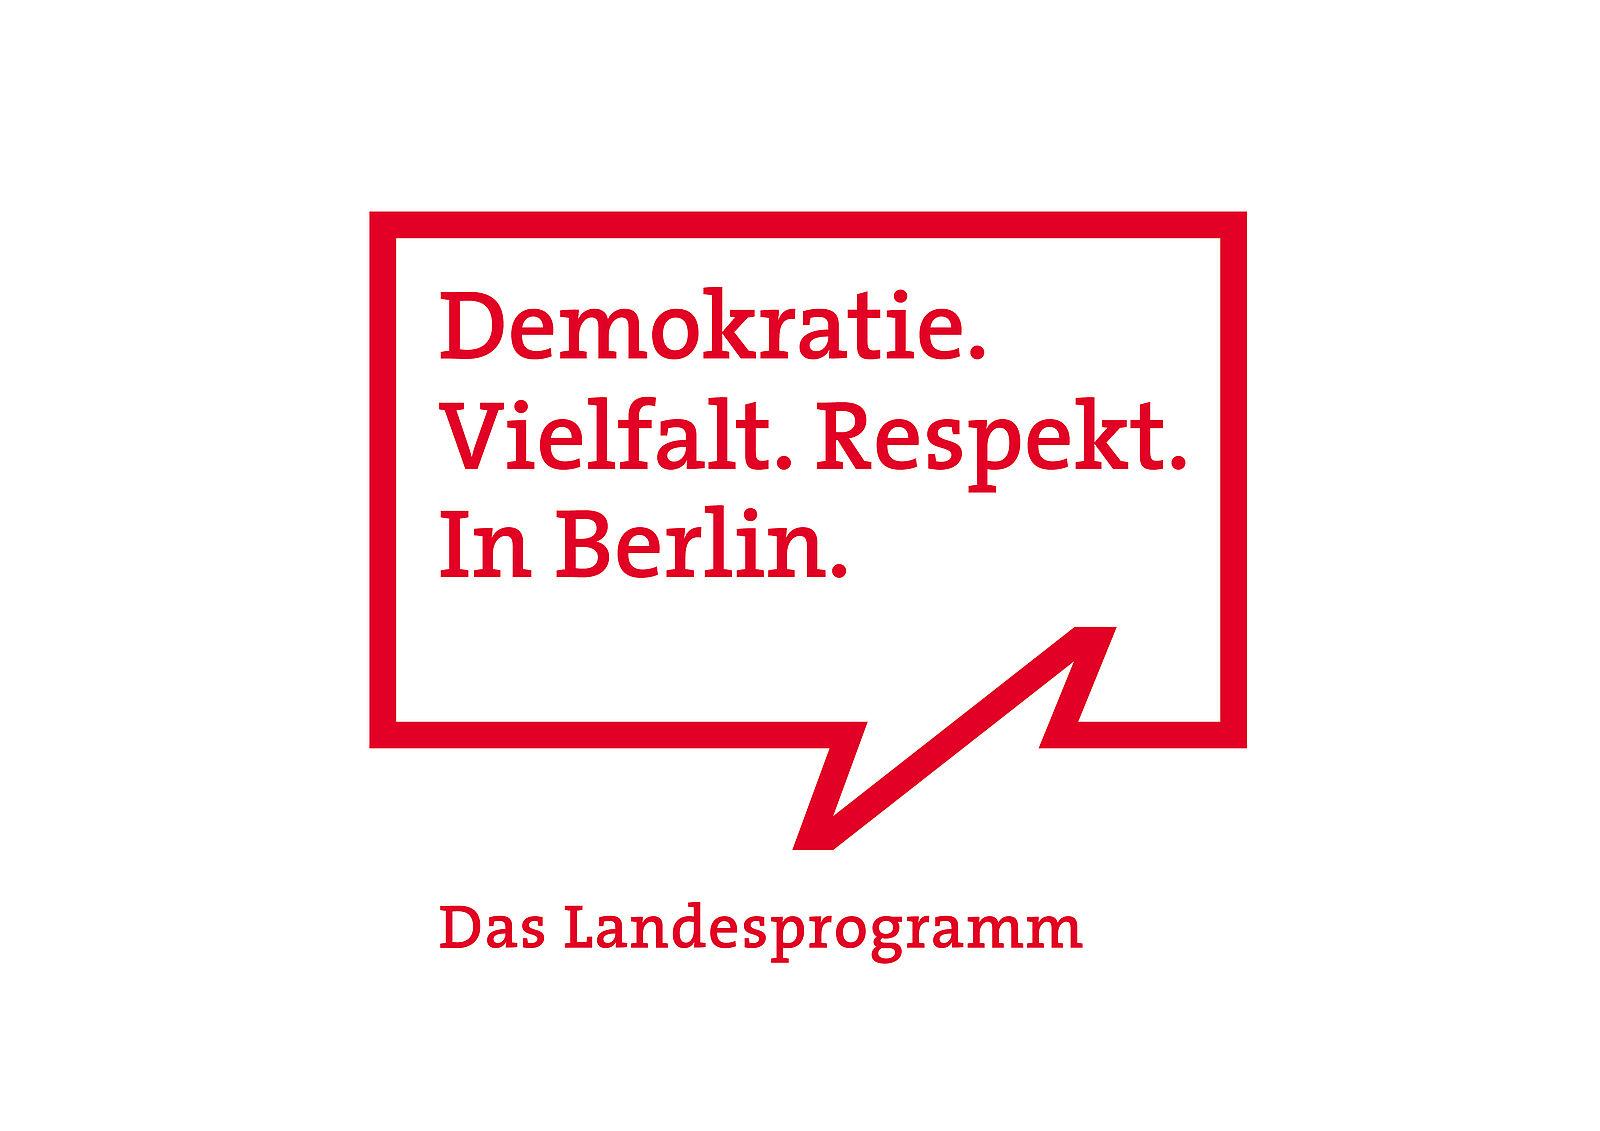 logo frderprogramm demokratie vielfalt respekt in berlin - Anne Frank Lebenslauf